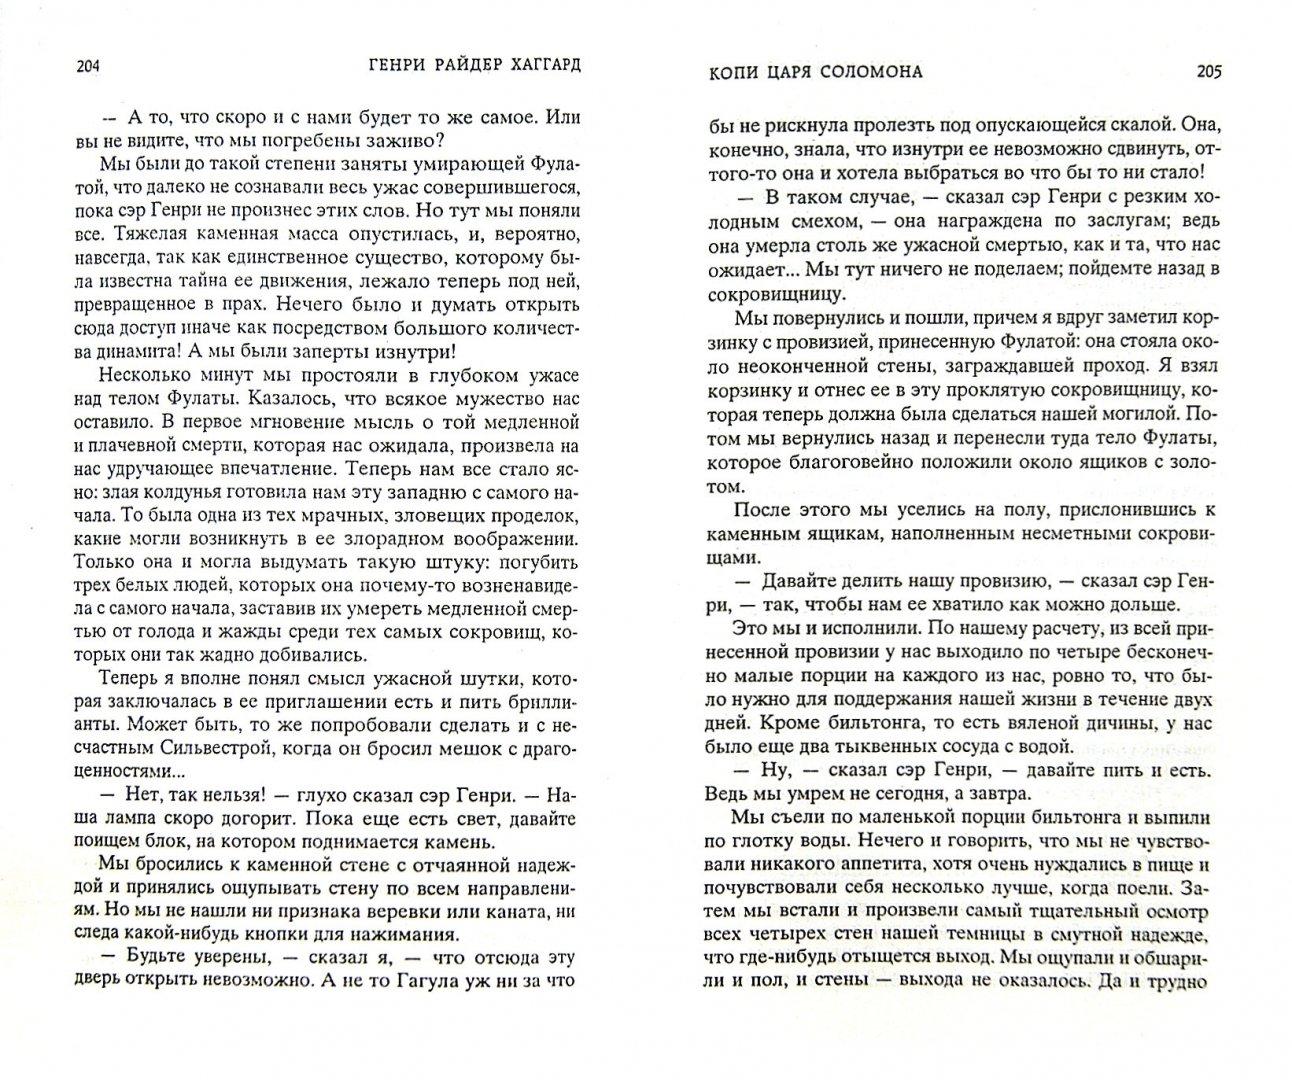 Иллюстрация 1 из 18 для Копи царя Соломона - Генри Хаггард   Лабиринт - книги. Источник: Лабиринт